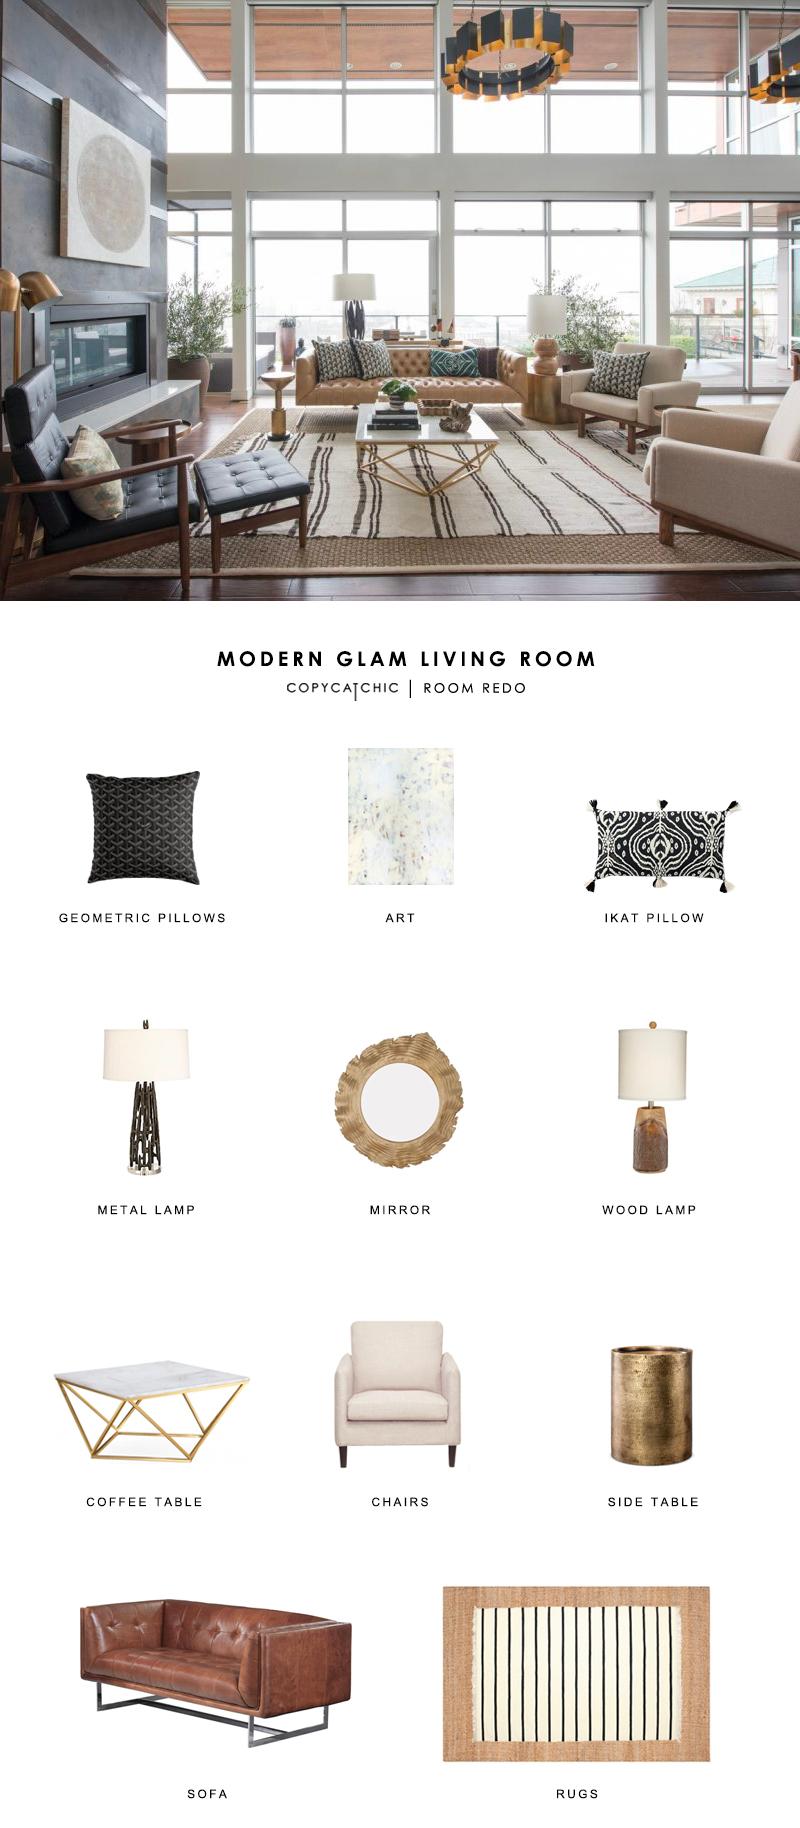 Room Redo Modern Farmhouse Living Room In 2019: Modern Glam Living Room